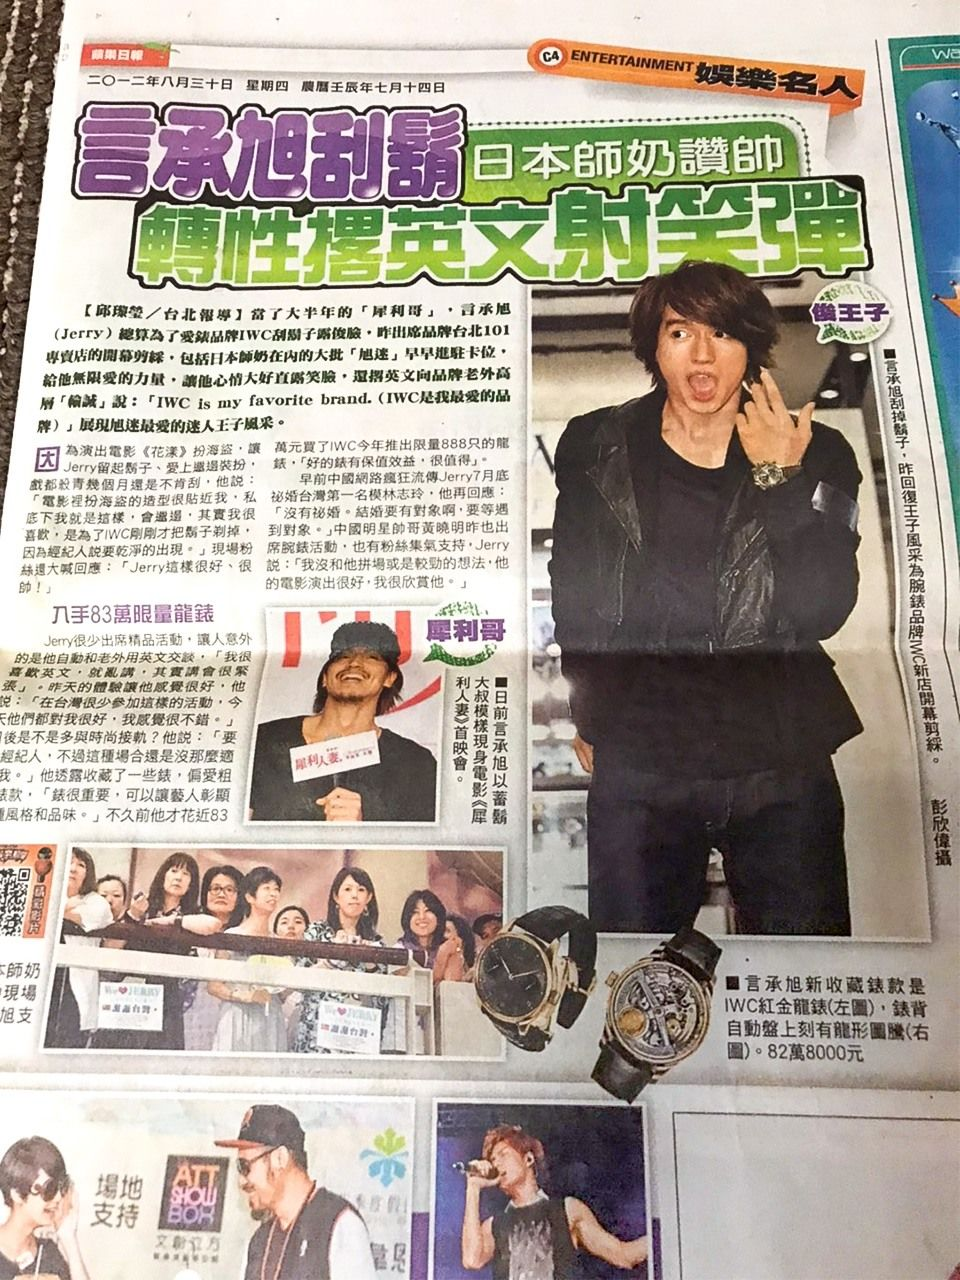 ジェリー・イェン(言承旭)の大ファンでもある安村美佐子さん。台湾メディアに登場したこともある(安村美佐子さん提供)